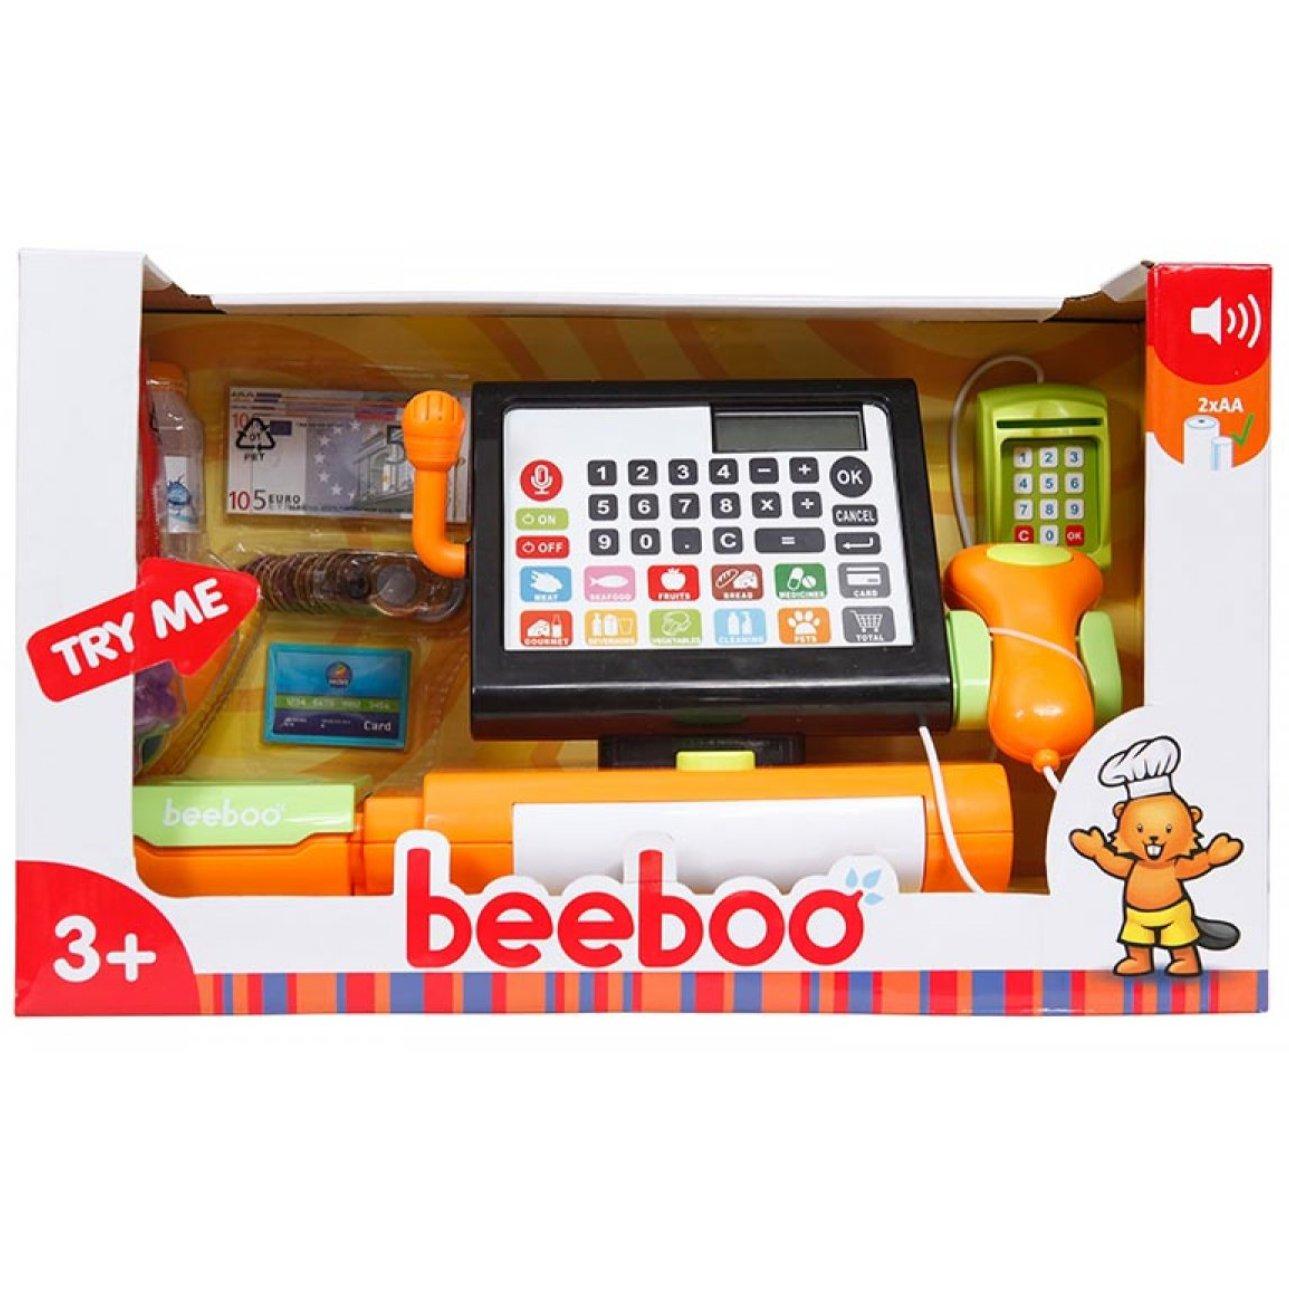 beeboo kitchen registrierkasse touchscreen mit viel zubeh r timmi spielwaren onlineshop. Black Bedroom Furniture Sets. Home Design Ideas